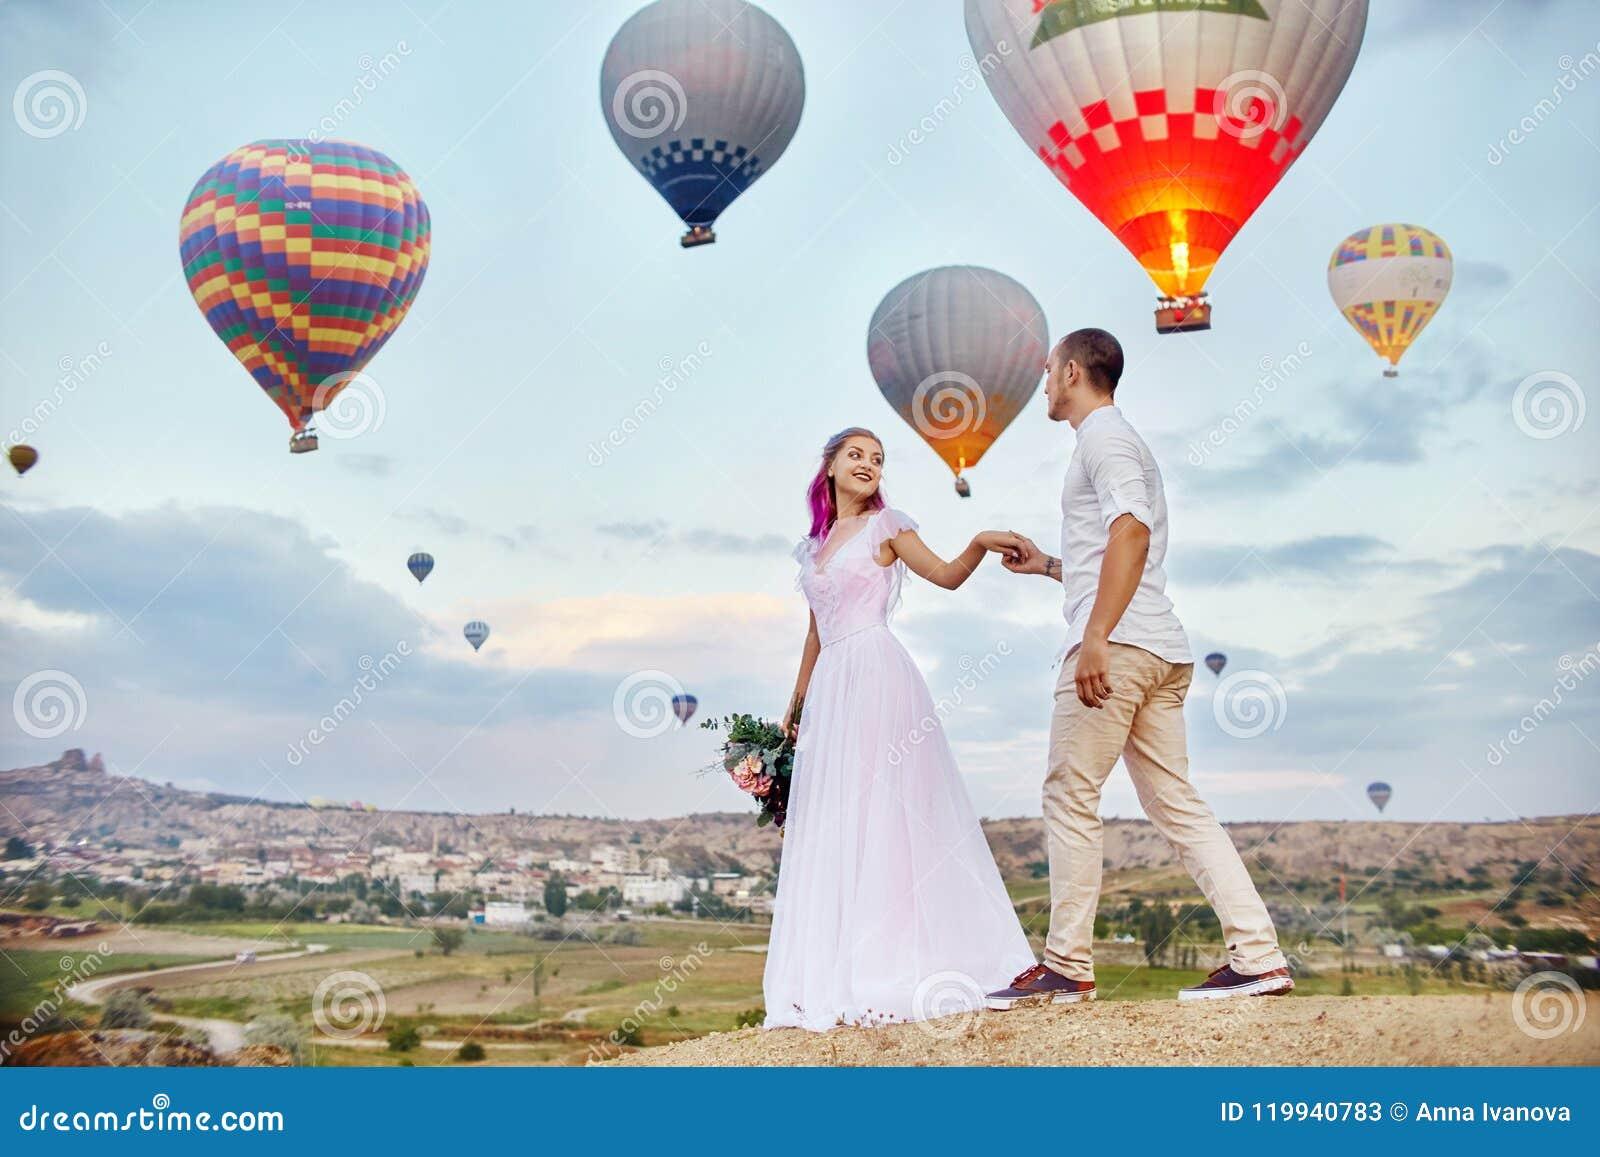 Paar in liefdetribunes op achtergrond van ballons in Cappadocia De man en een vrouw op heuvel bekijken een groot aantal vliegende